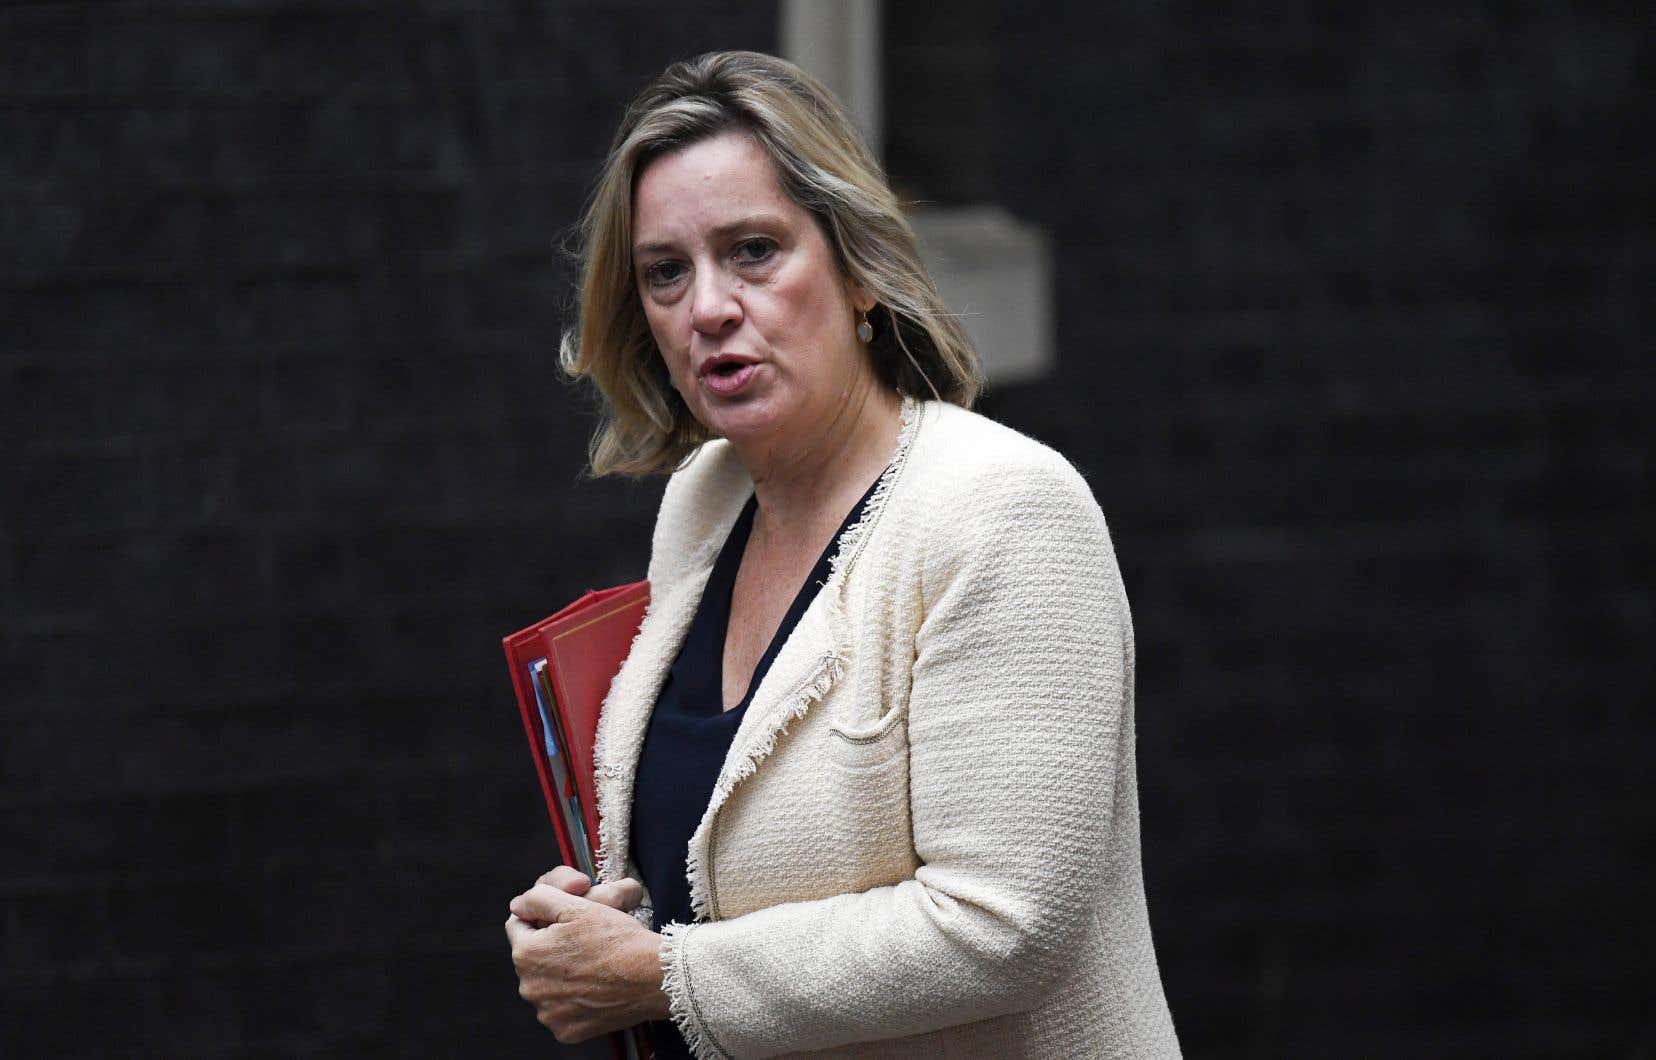 La ministre britannique du Travail, Amber Rudd, a annoncé sa démission samedi.